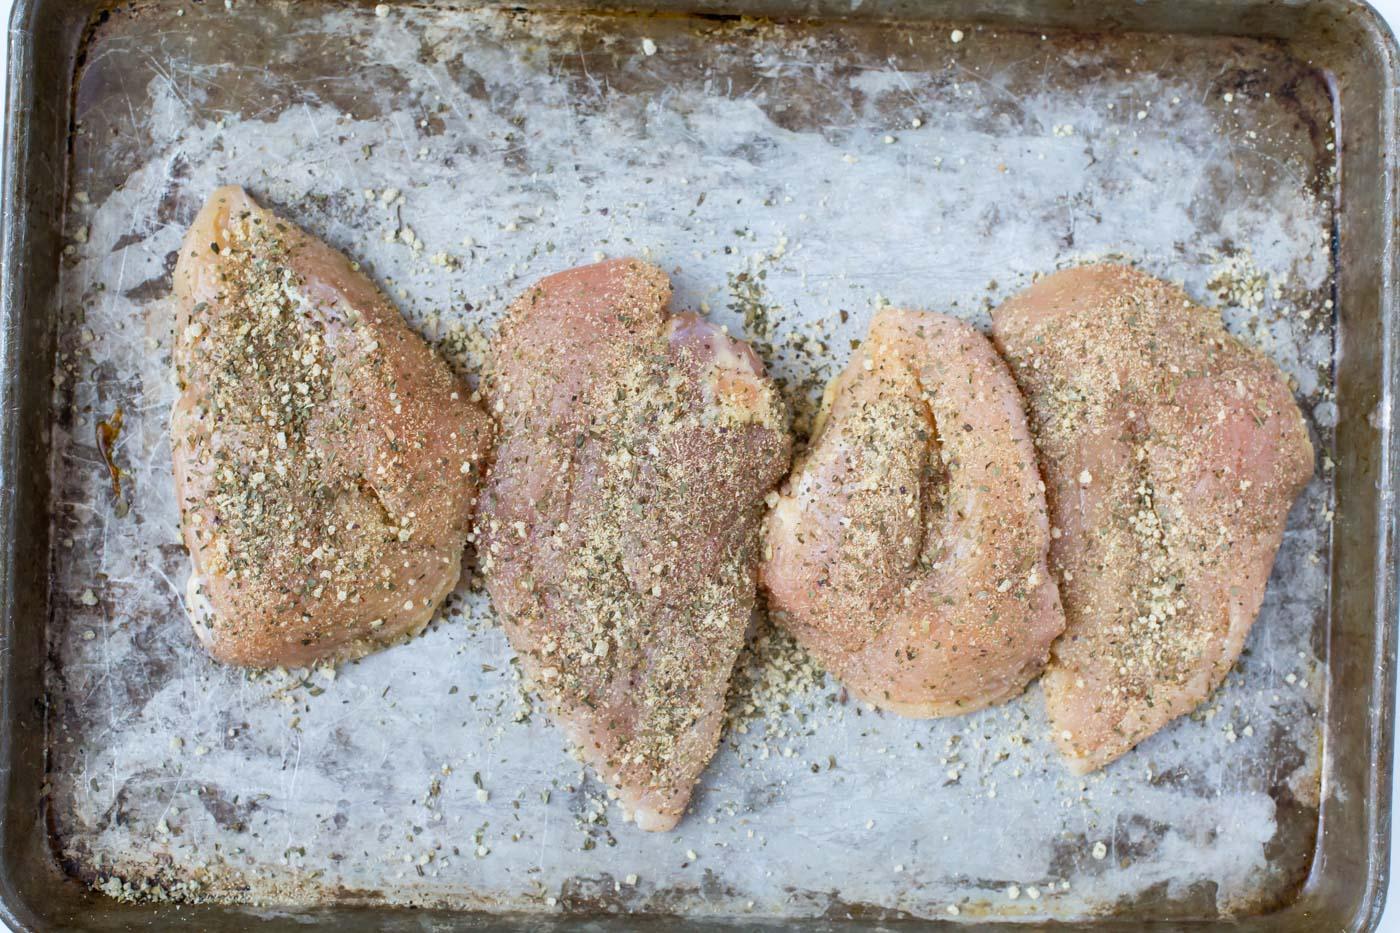 seasoned raw chicken breast on baking sheet